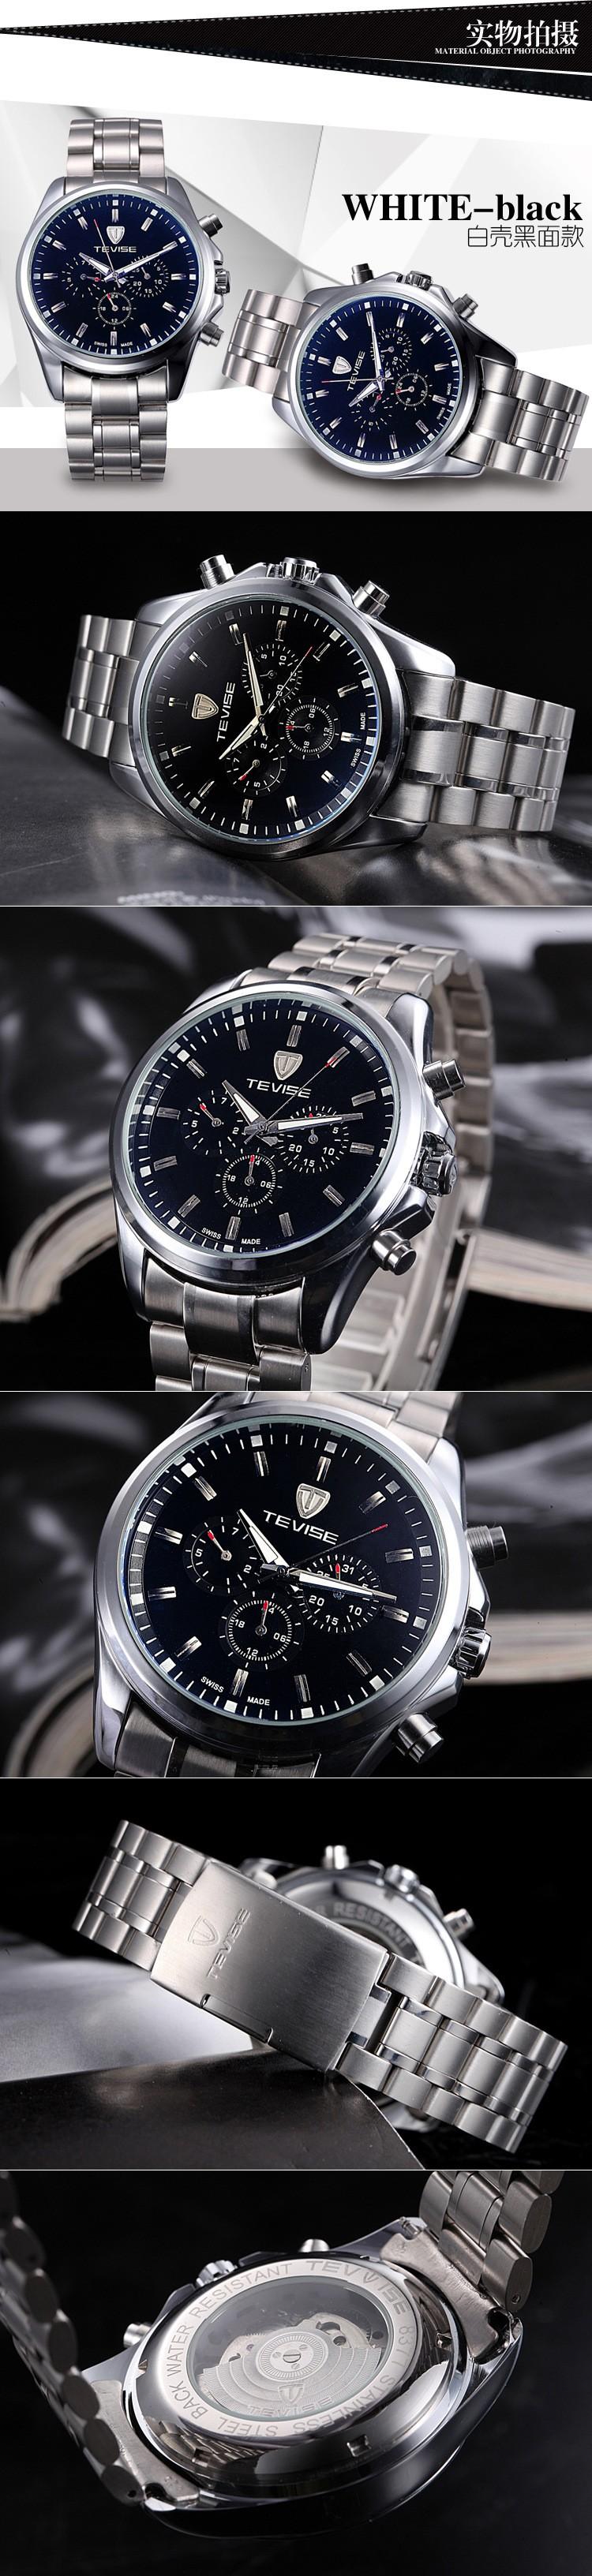 Роскошные Шесть-контактный многофункциональный Мужские Часы Top Brand автоматические механические Часы мужчин Случайные Часы relogio masculino